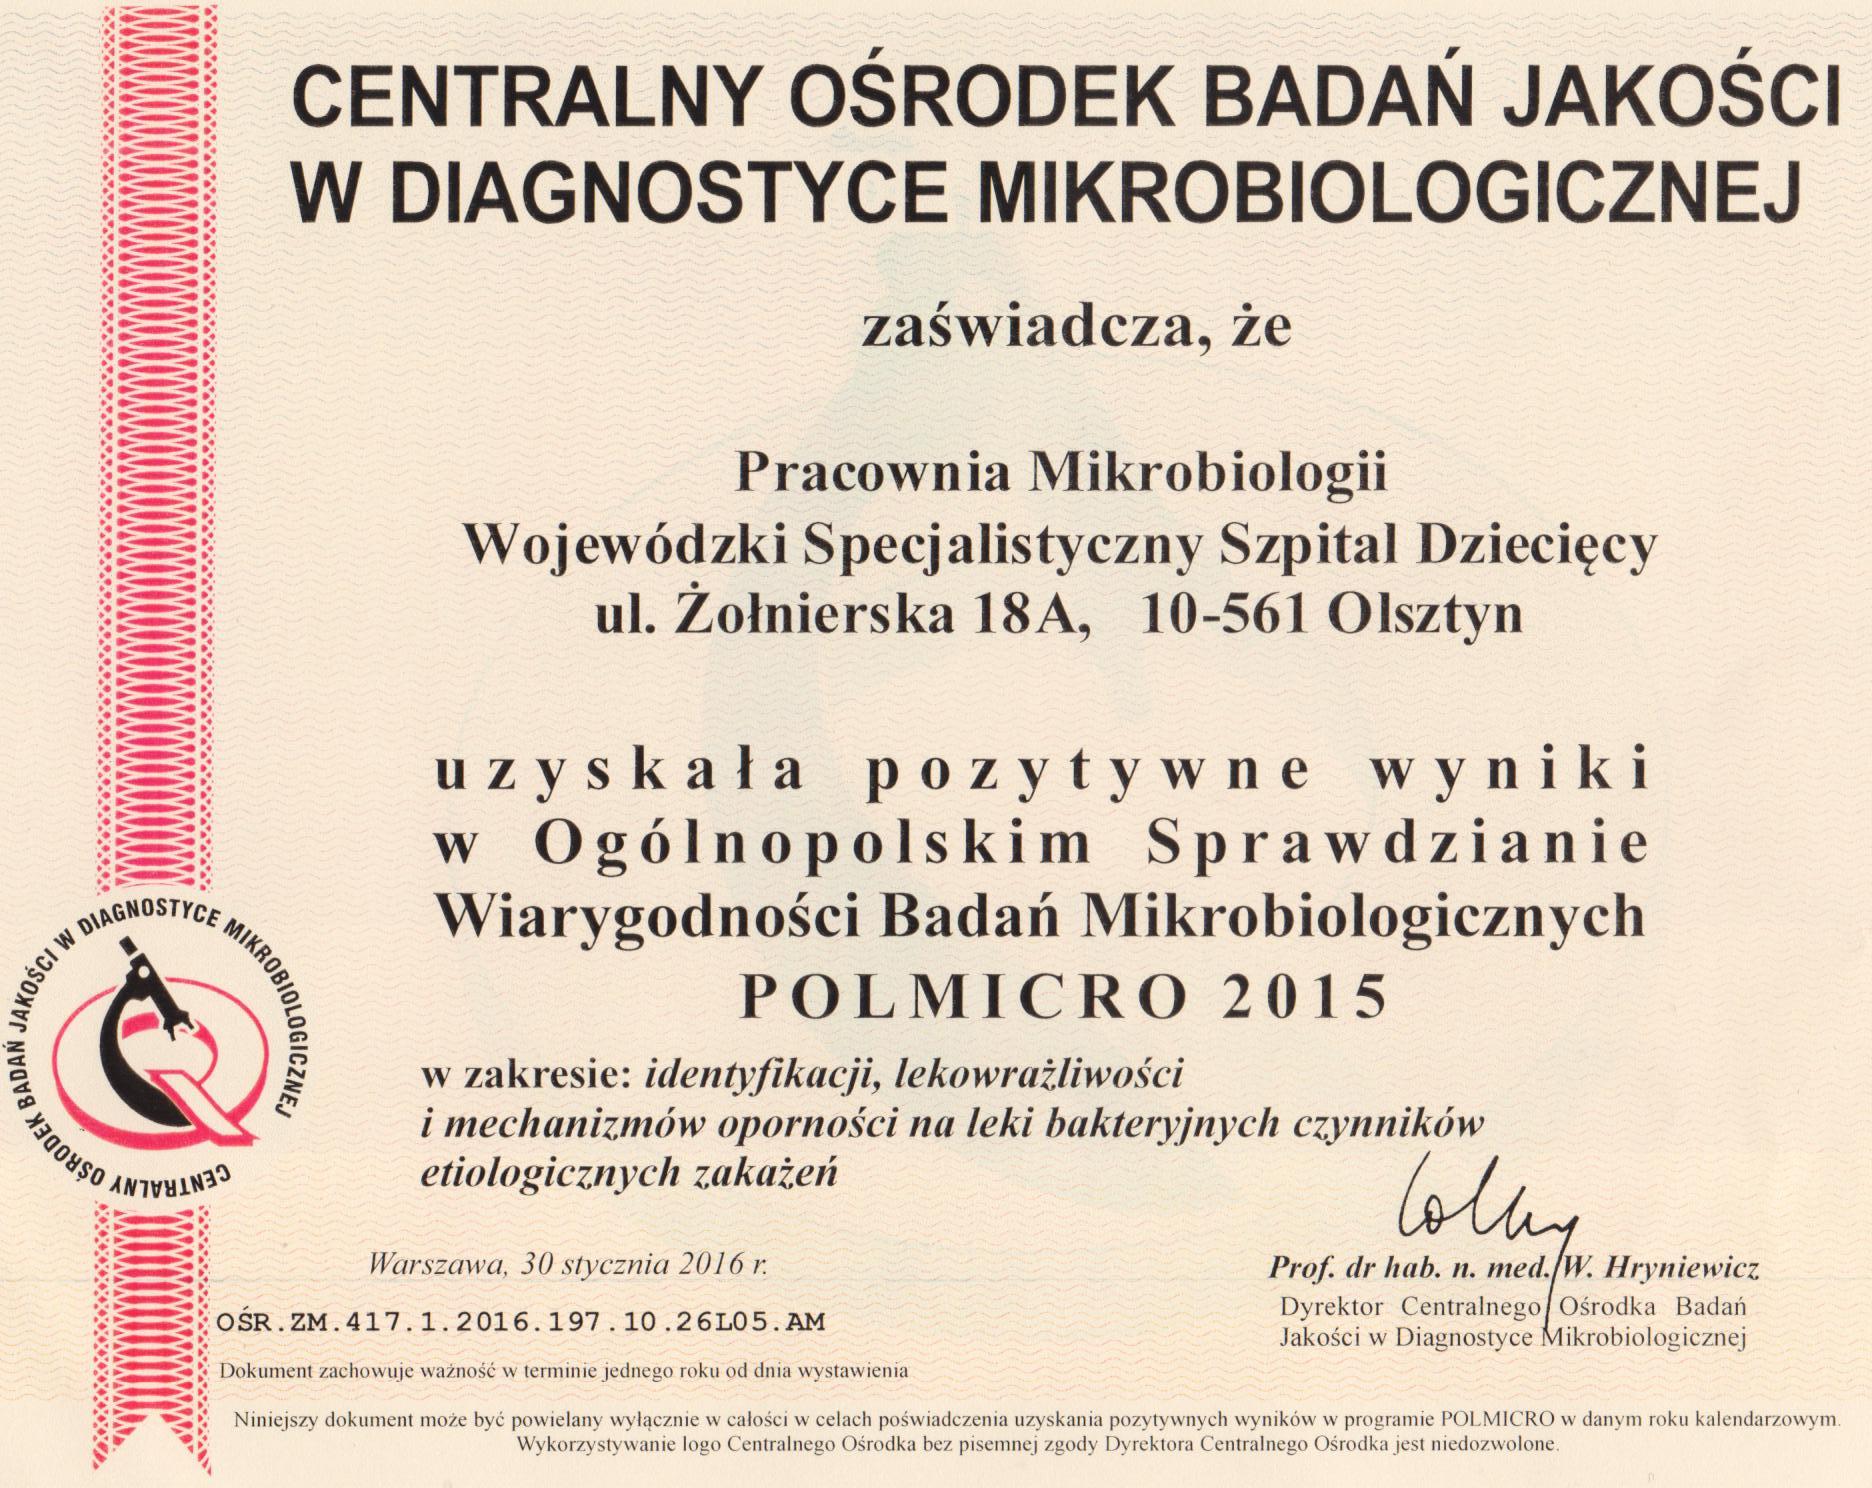 Zaświadczenie Wiarygodności Badań Mikrobiologiczych 2015